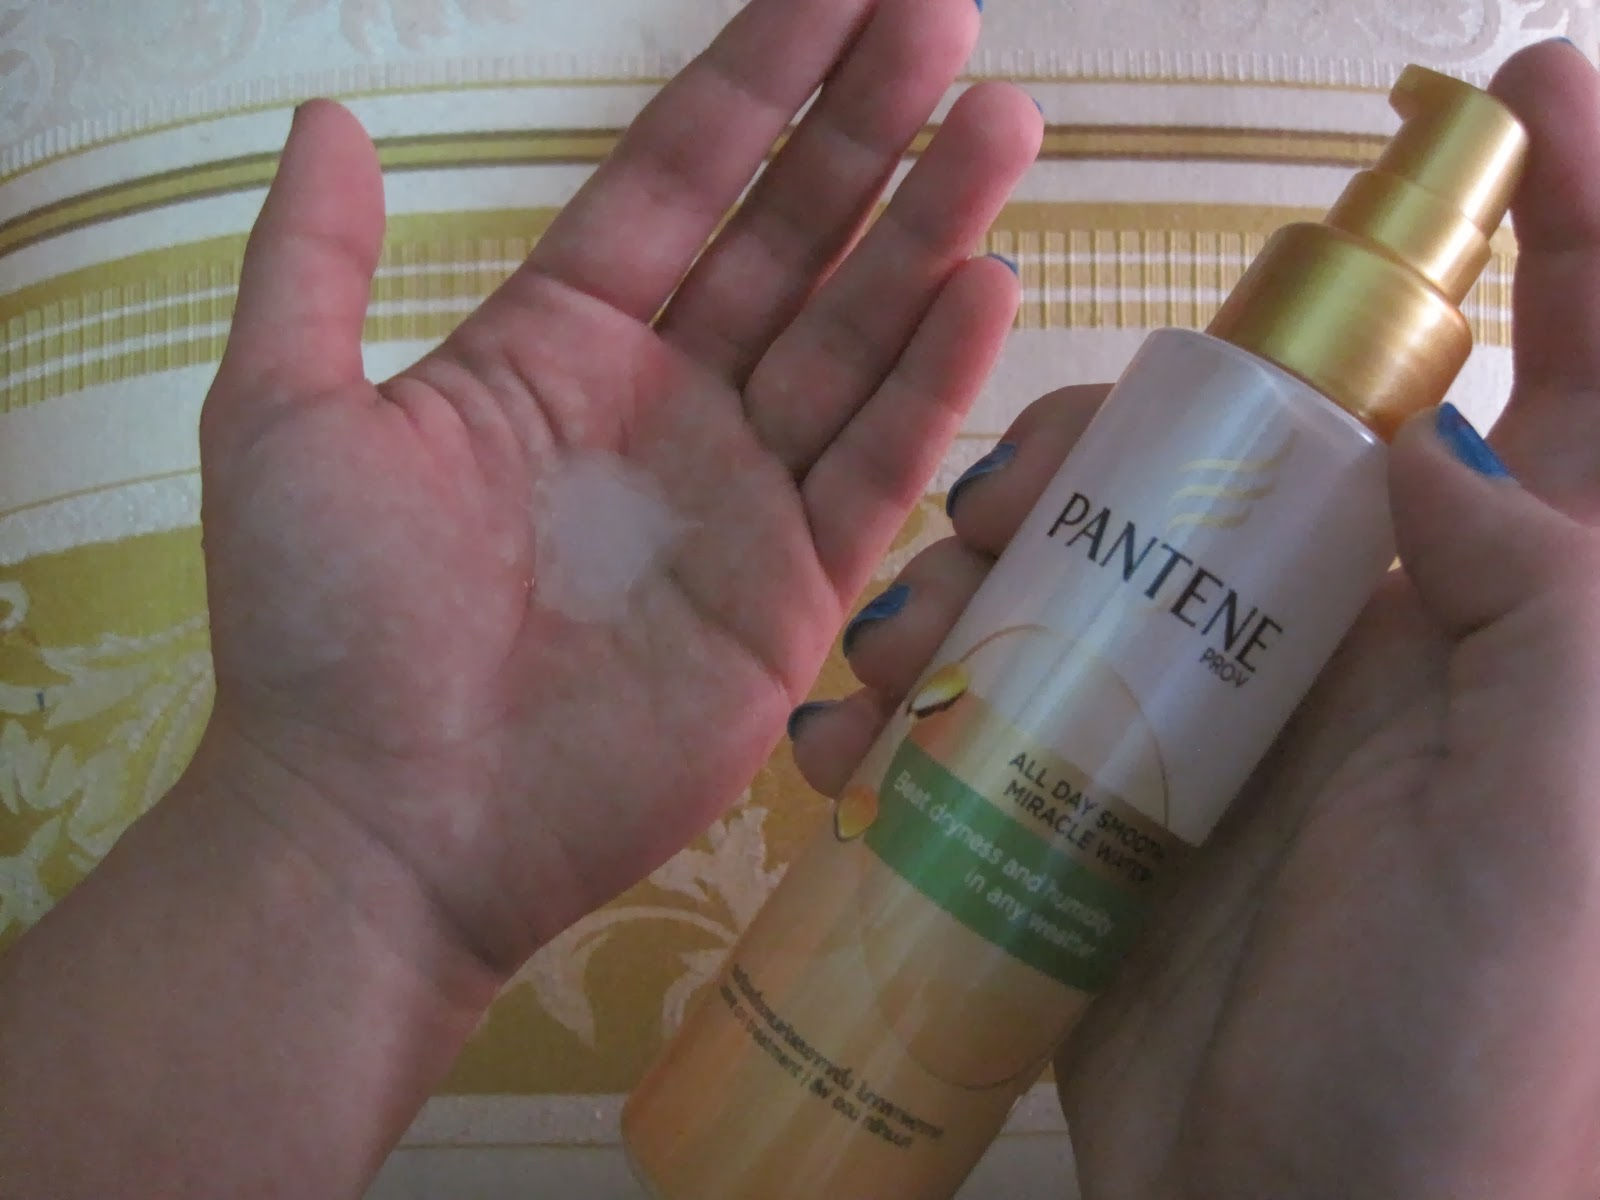 pantene miracle water